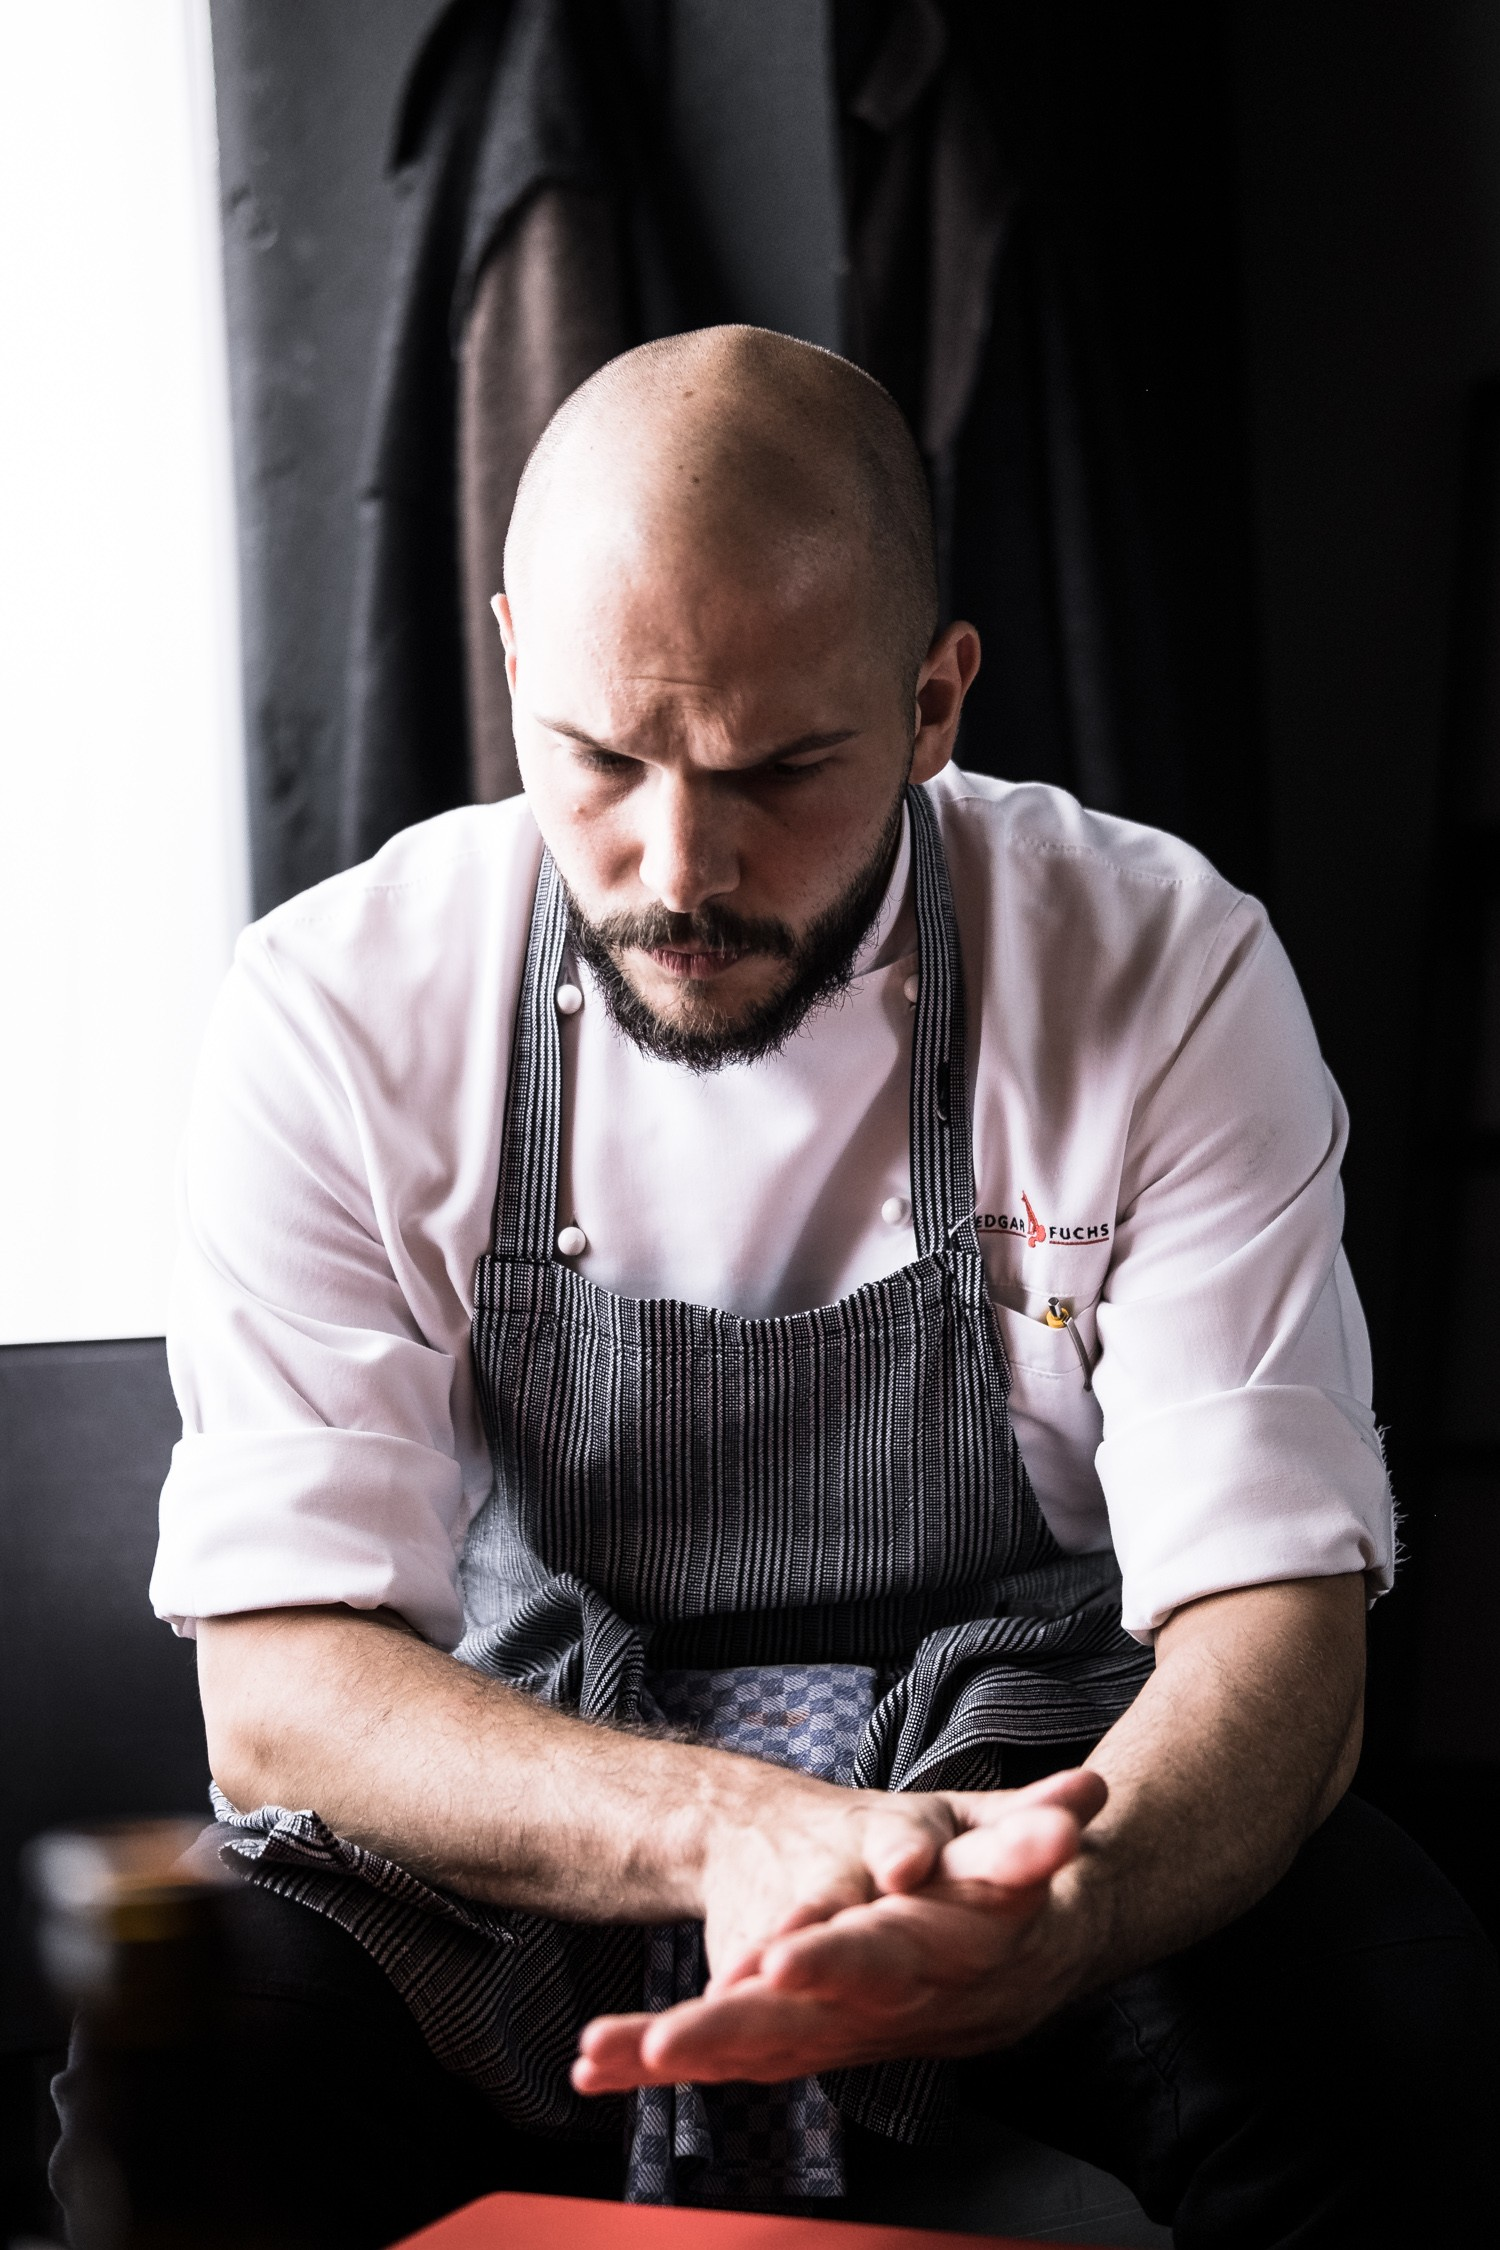 Nobelhart-og-Schmutzig chef portrait restaurant fotograf mats dreyer oslo oktopus as